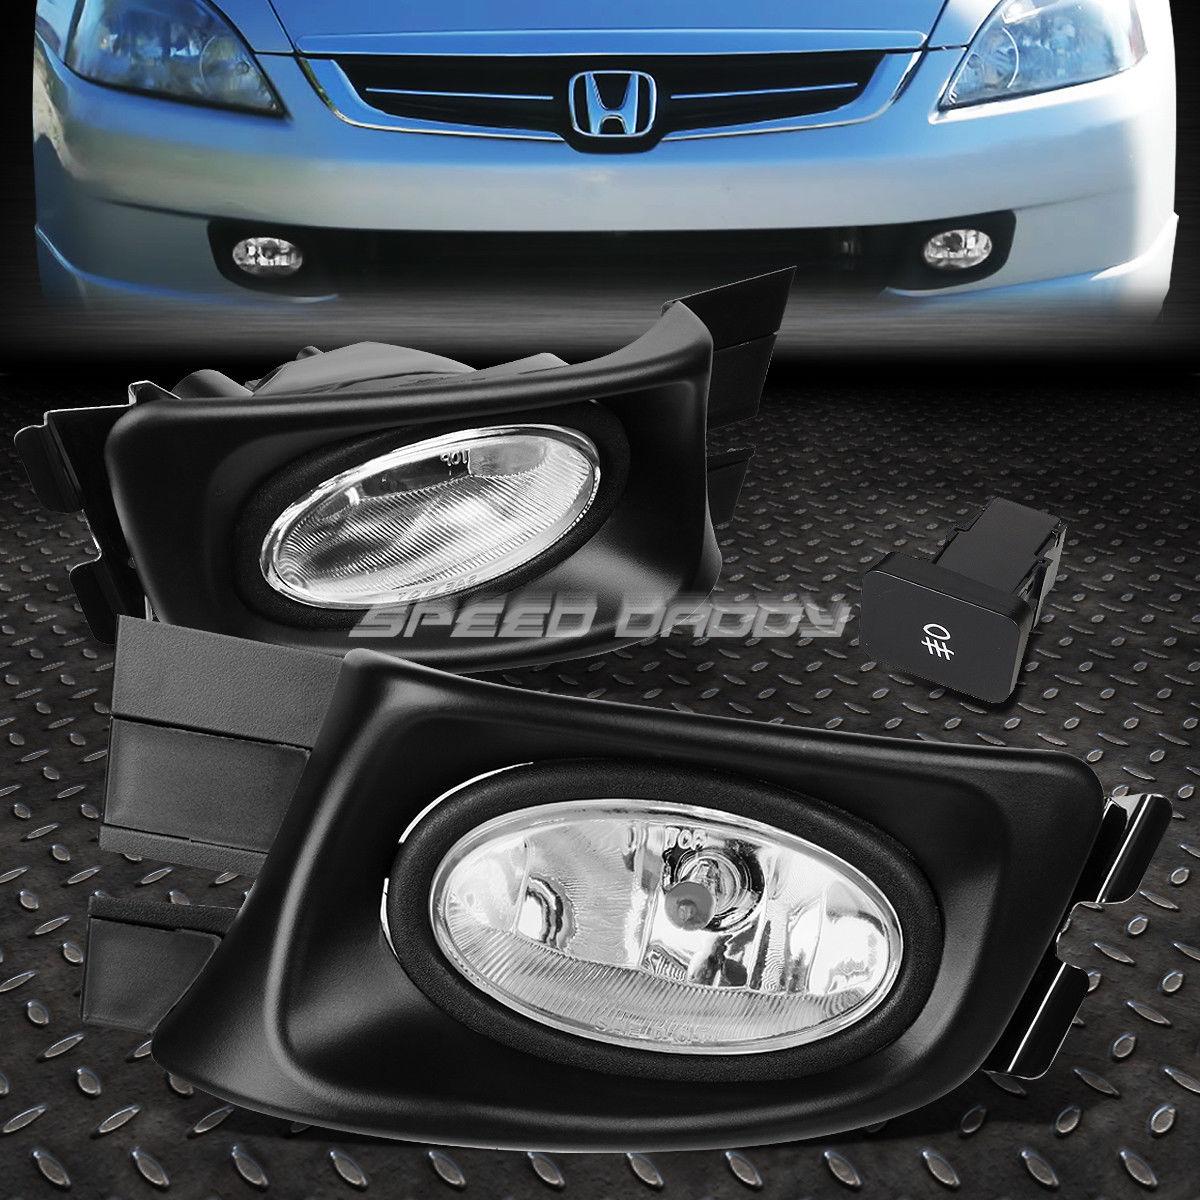 フォグライト FOR HONDA ACCORD 03-05 4-DR SEDAN OE BUMPER FOG LIGHT LAMP KIT WITH SWITCH+WIRE ホンダ用アクセサリー03-05 4-DR SEDAN OE BUMPERフォグライトライトキット、スイッチ+ワイヤー